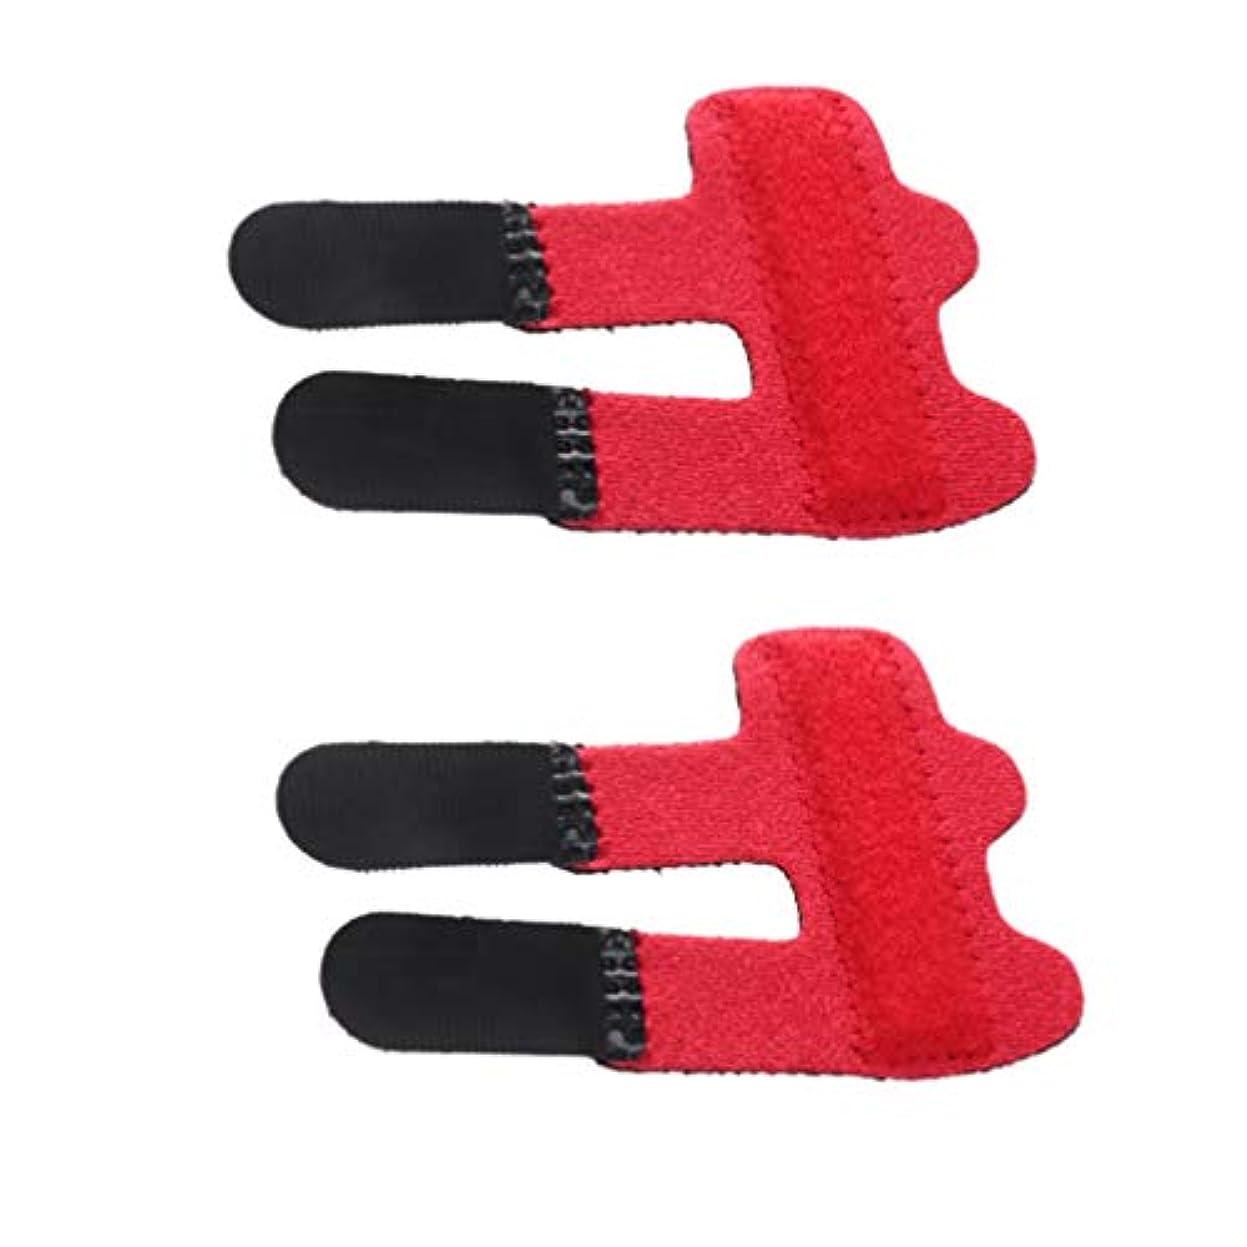 砲撃連結するリーンHealifty 2本のマレットフィンガースプリントトリガーフィンガーブレースフィンガーエクステンションスプリント用壊れた指腱の痛みの緩和(赤)